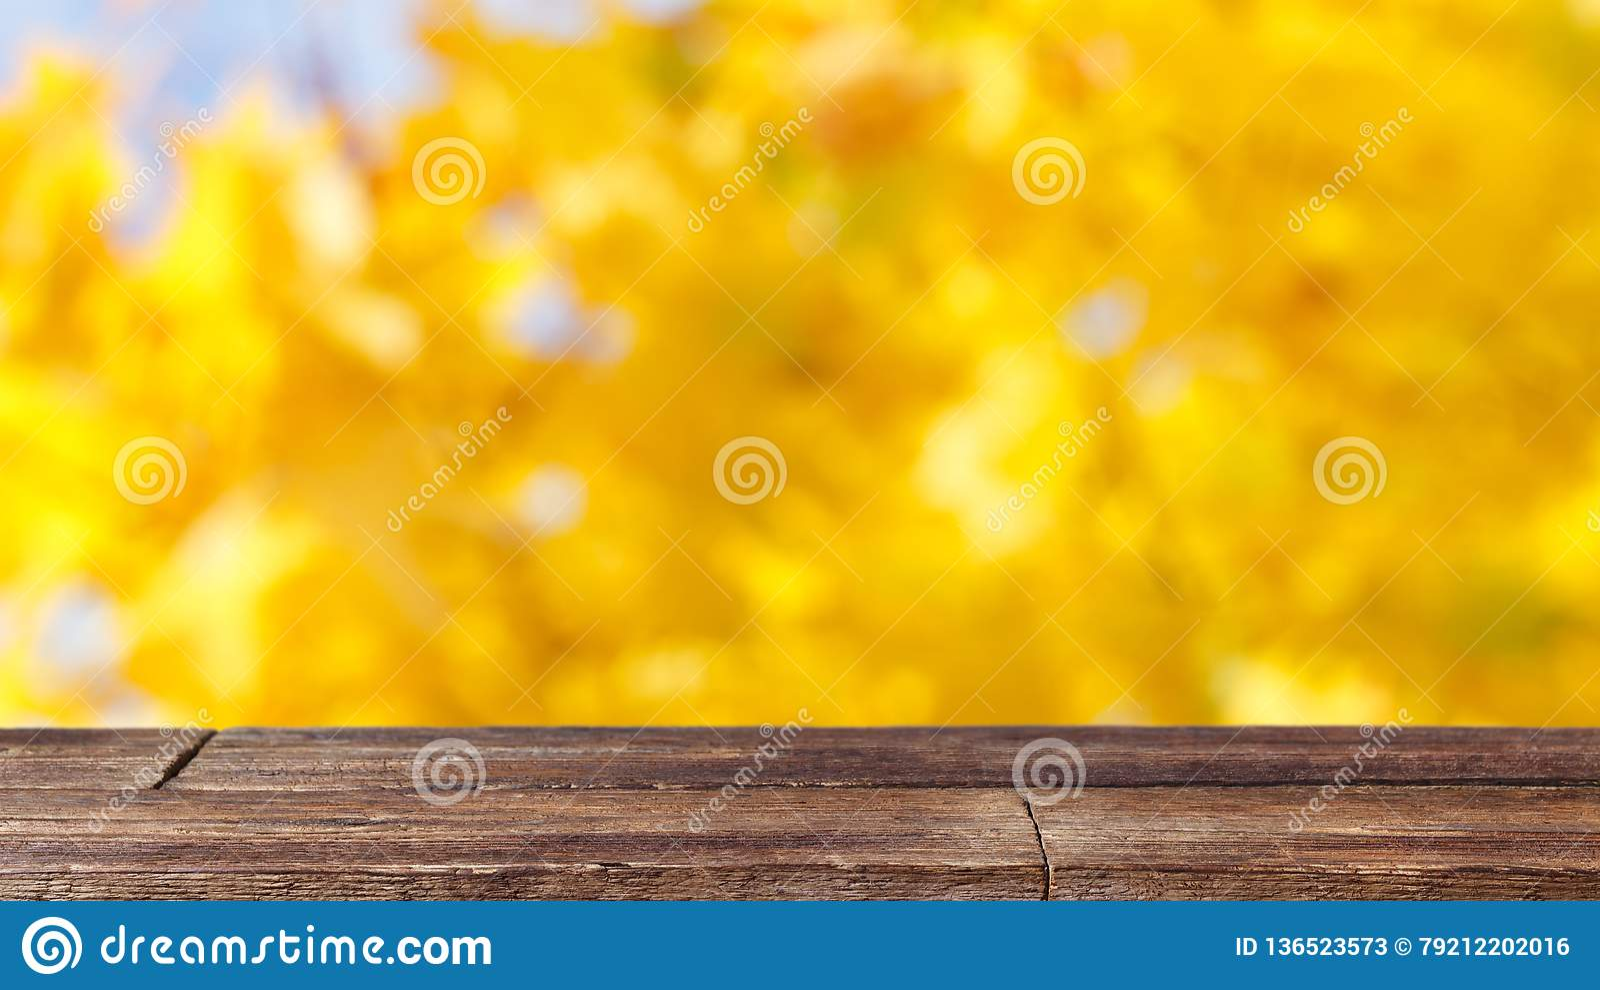 Tabela de madeira rústica no fundo abstrato do bokeh amarelo